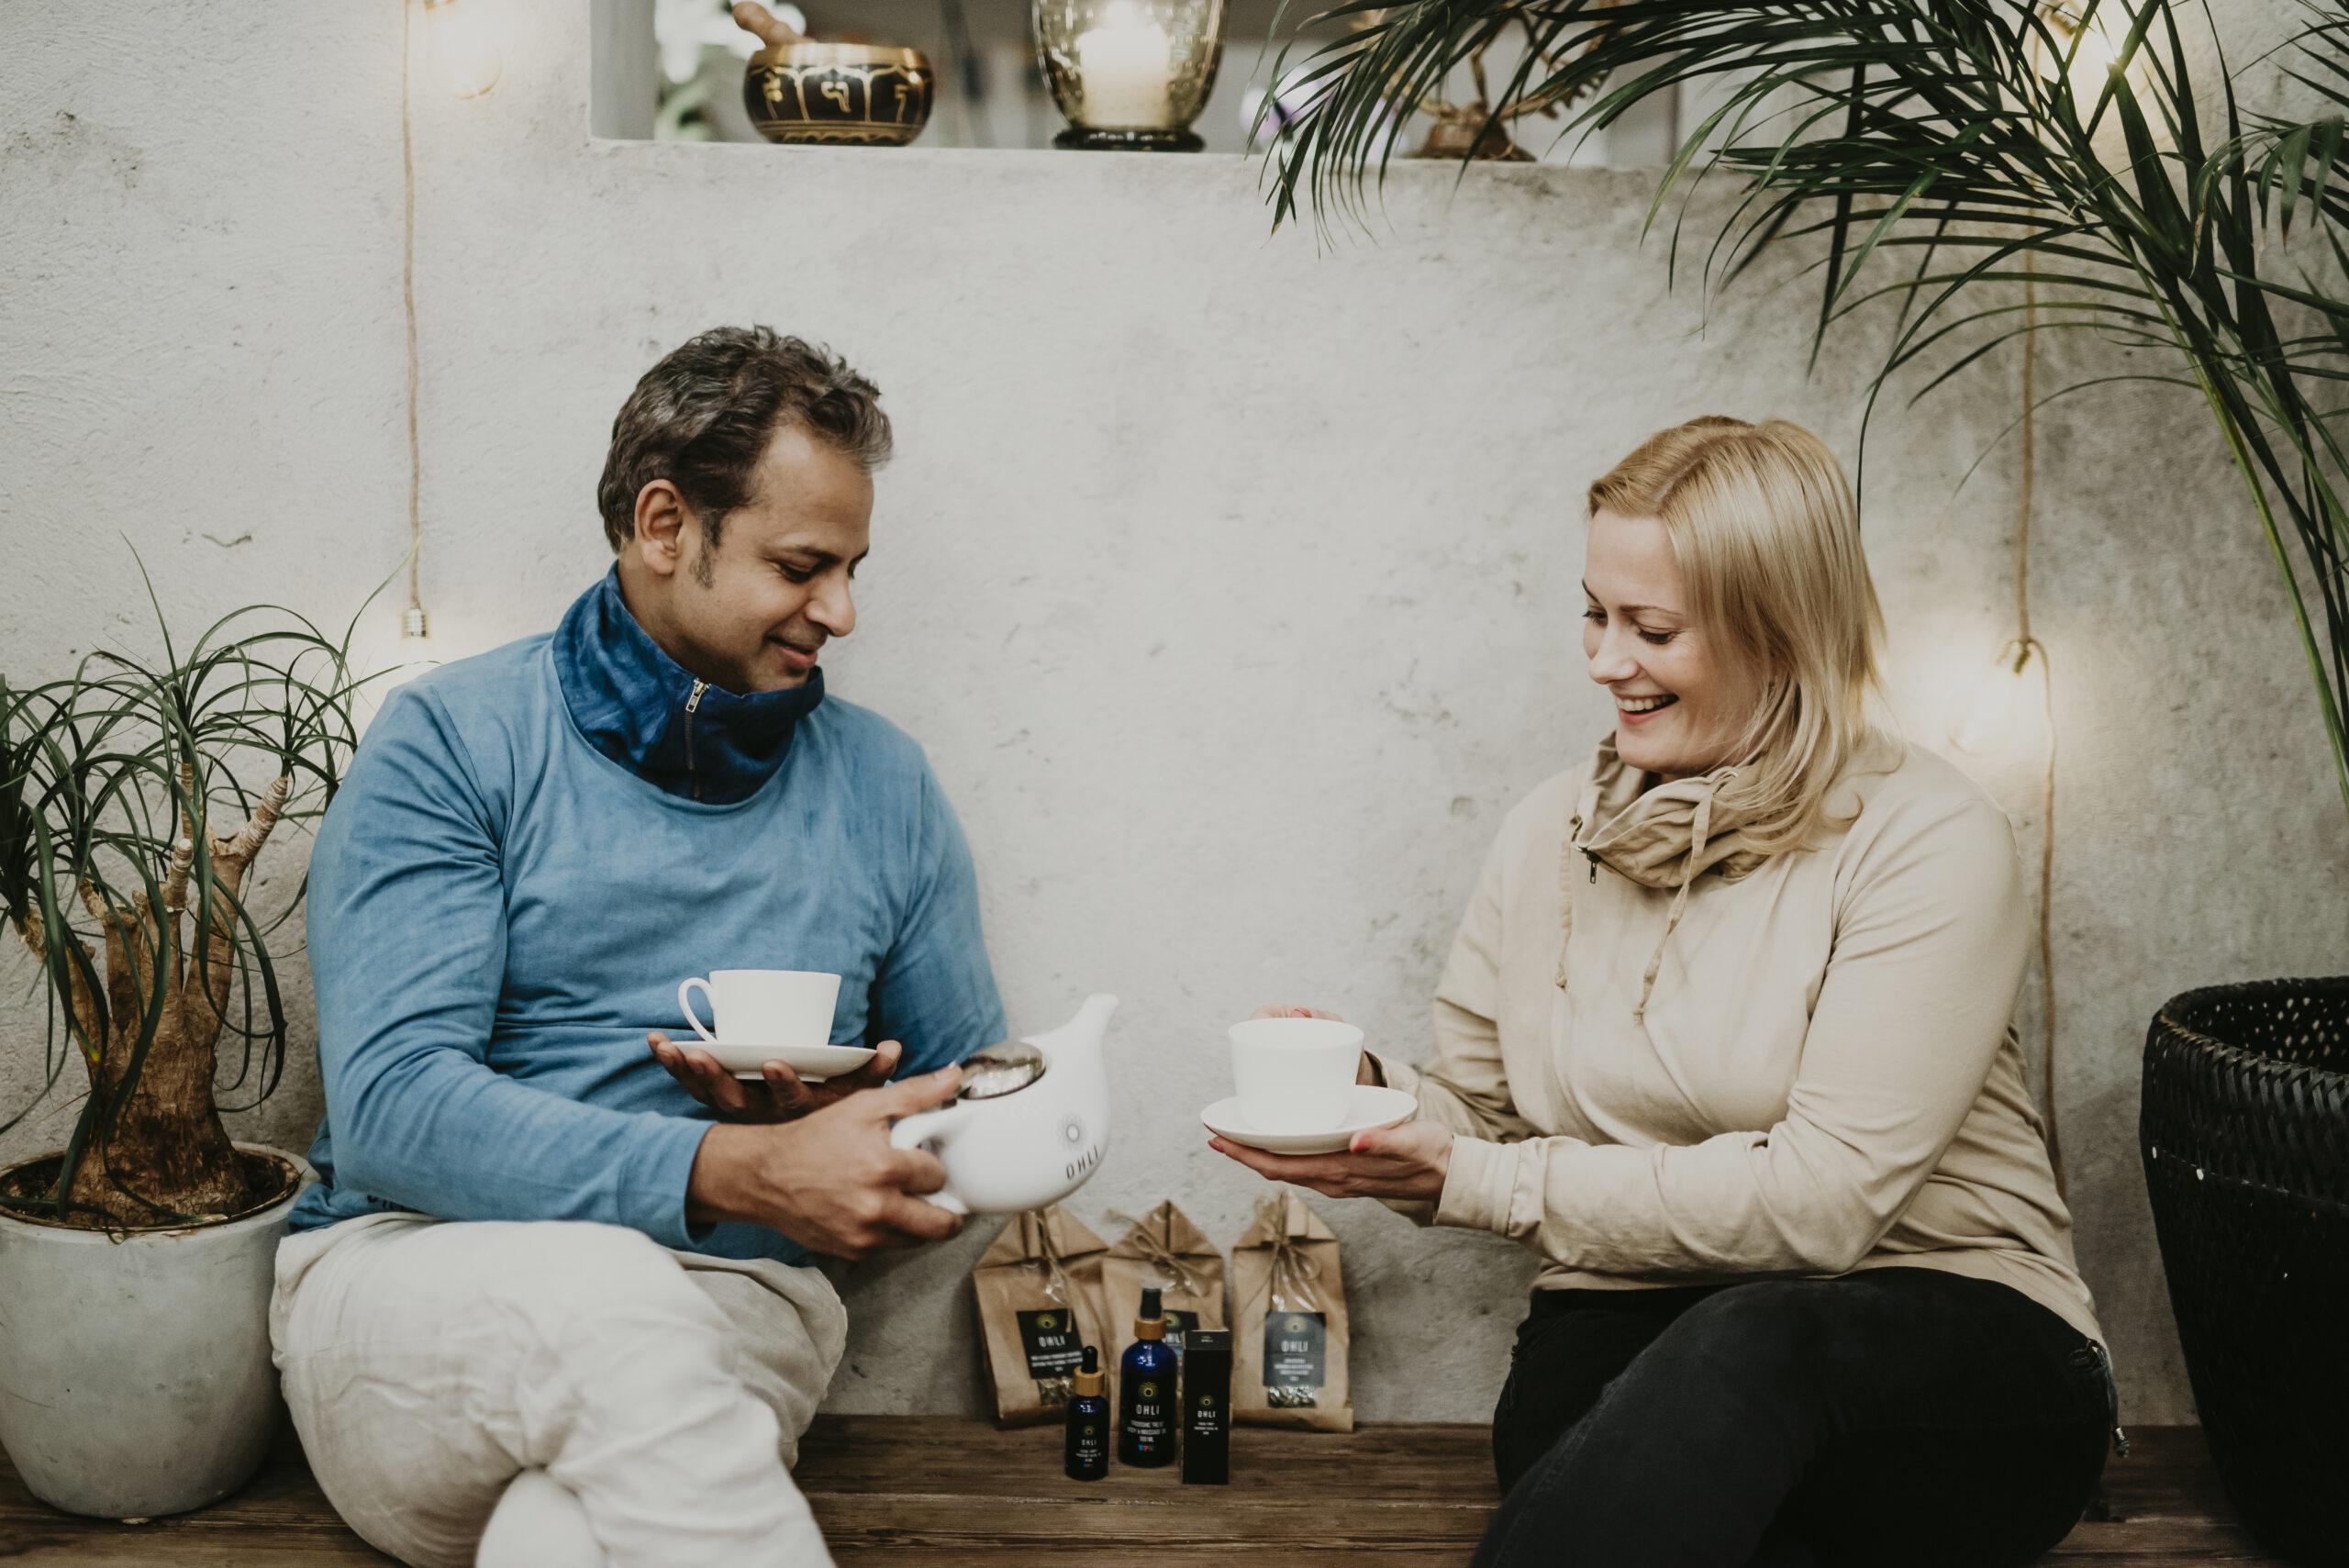 Tea keeps you warm